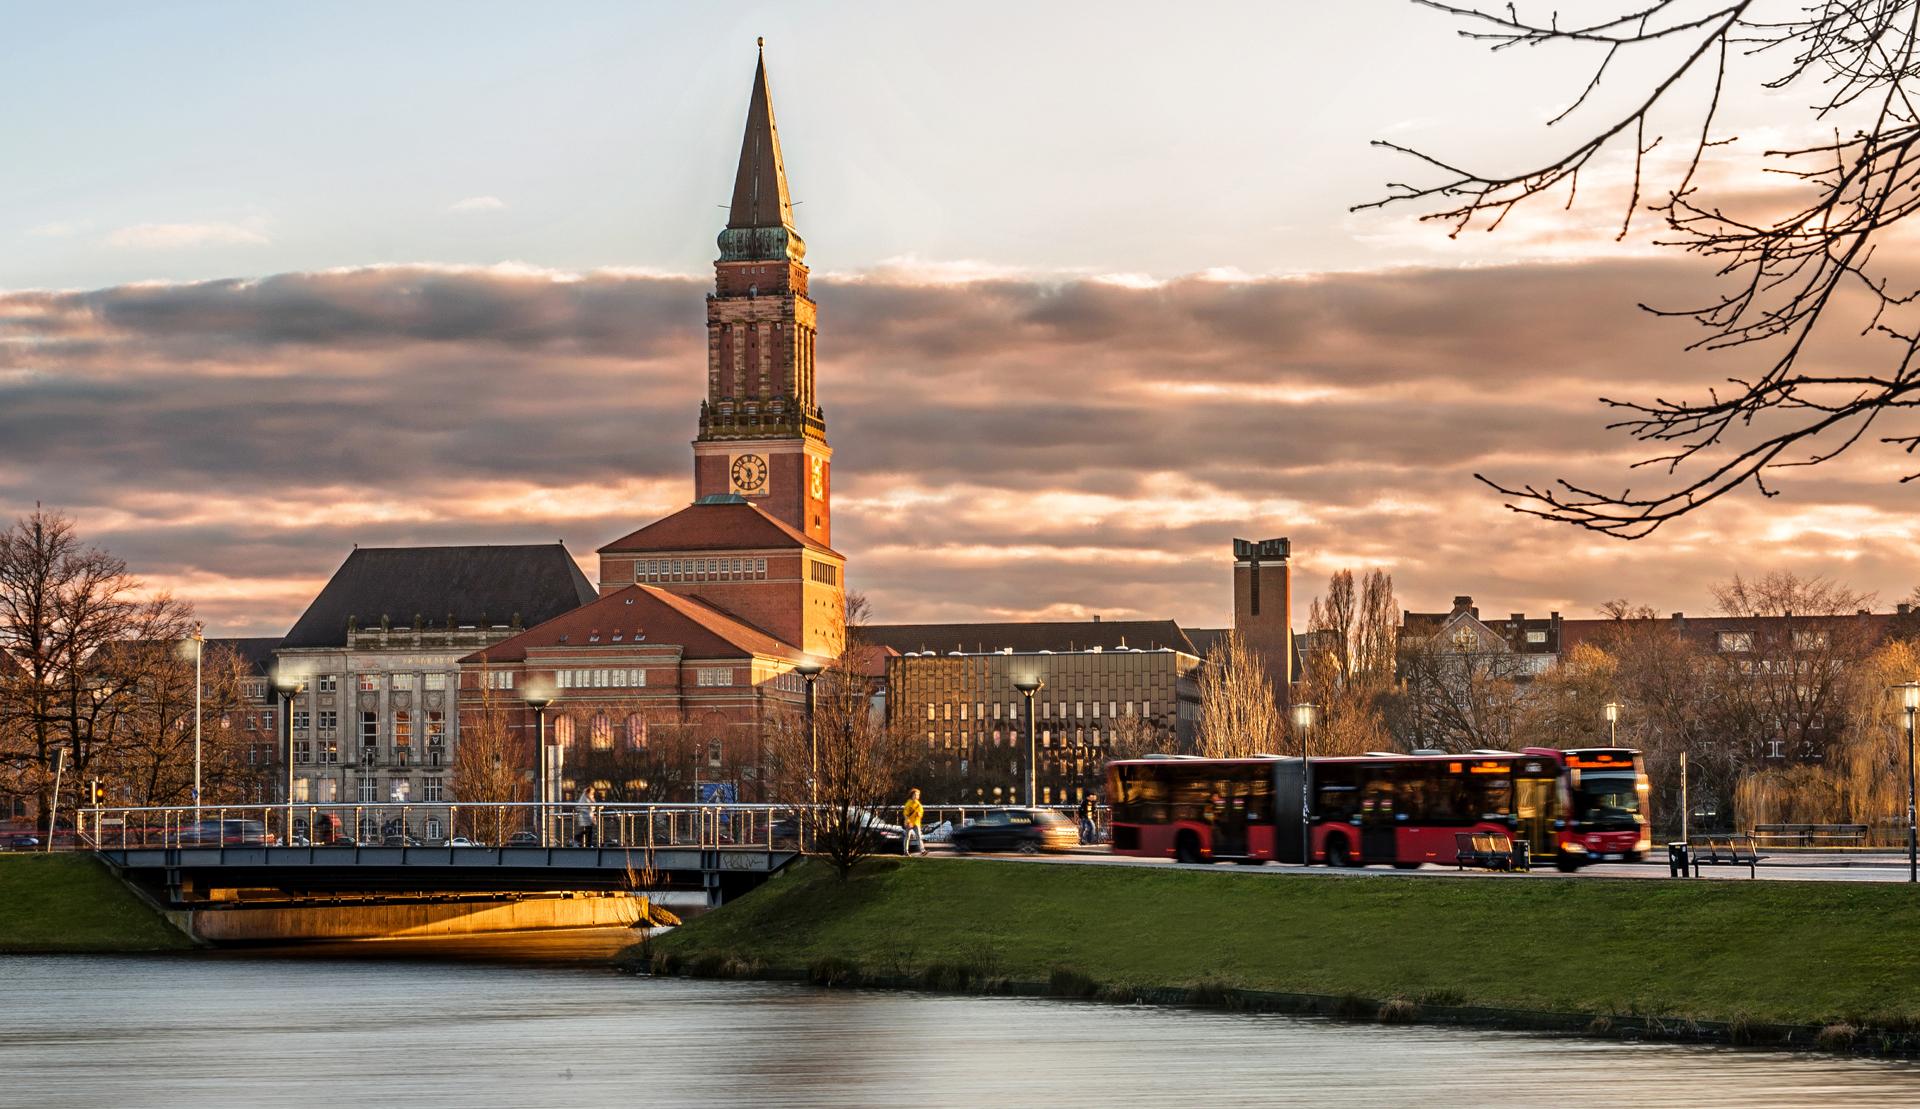 Kieler Rathaus in der Abenddämmerung. Bus, Autos und Fußgänger auf der Brücke über den Kleinen Kiel